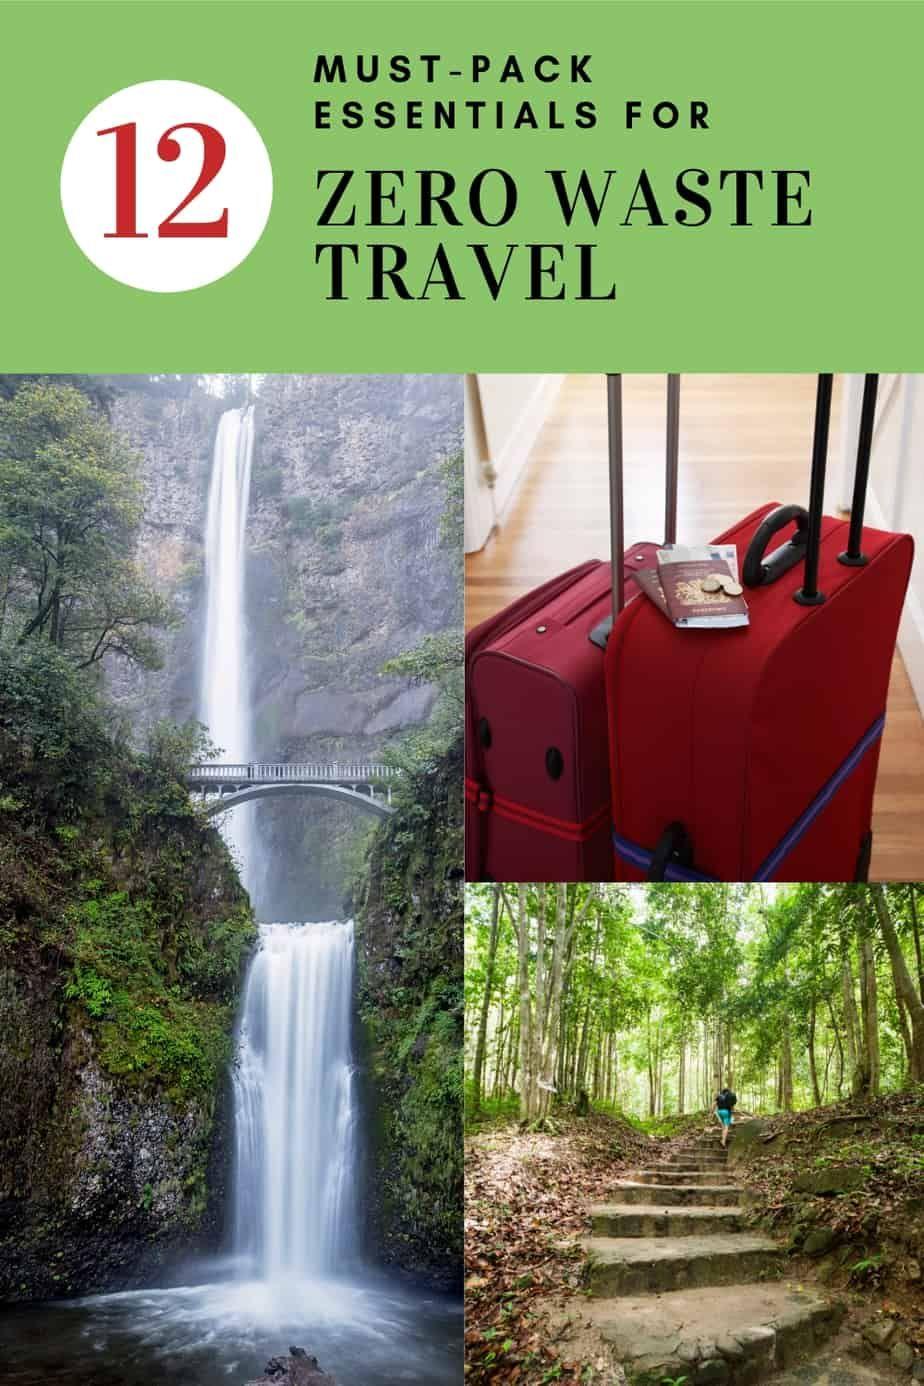 Zero Waste Travel 12 Must Pack Essentials Eco Friendly